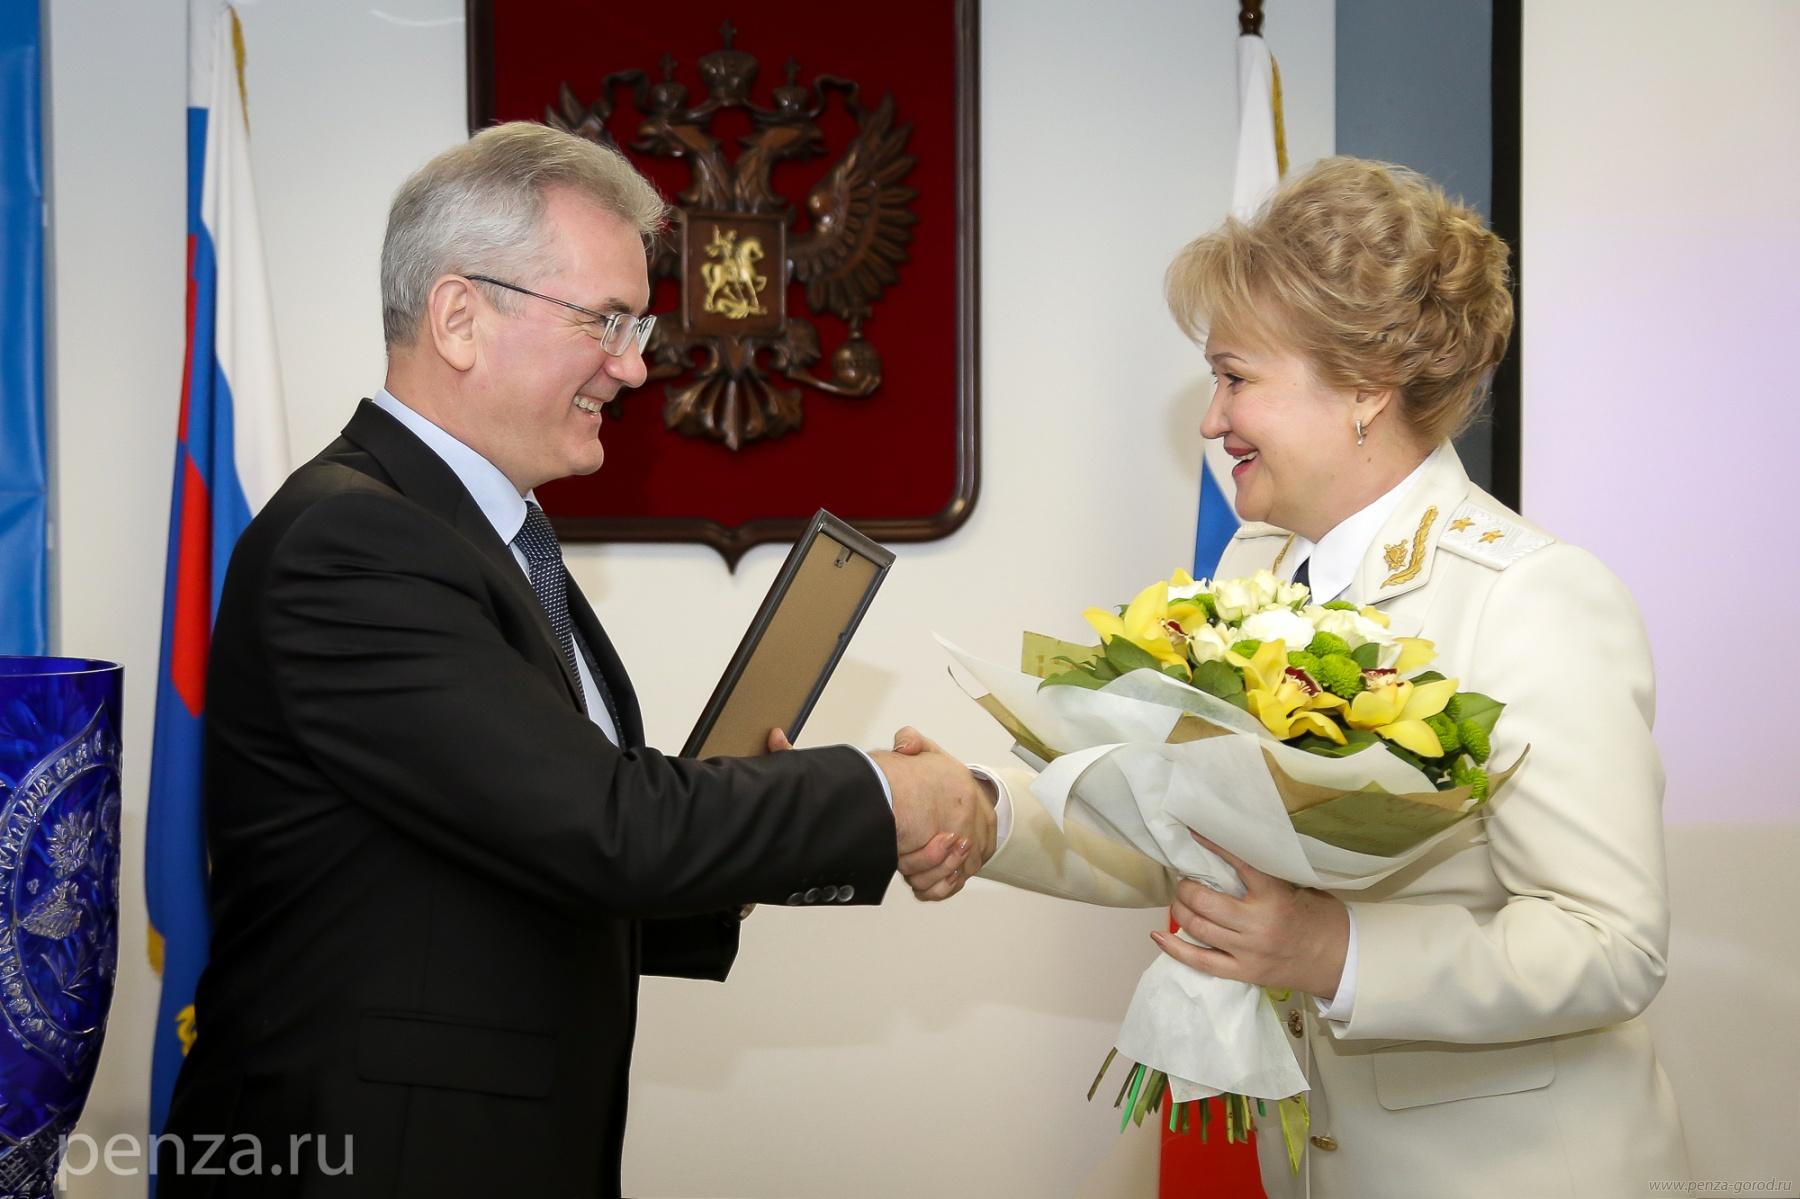 Прокурор Пензенской области Наталья Канцерова должна немедленно уйти в отставку